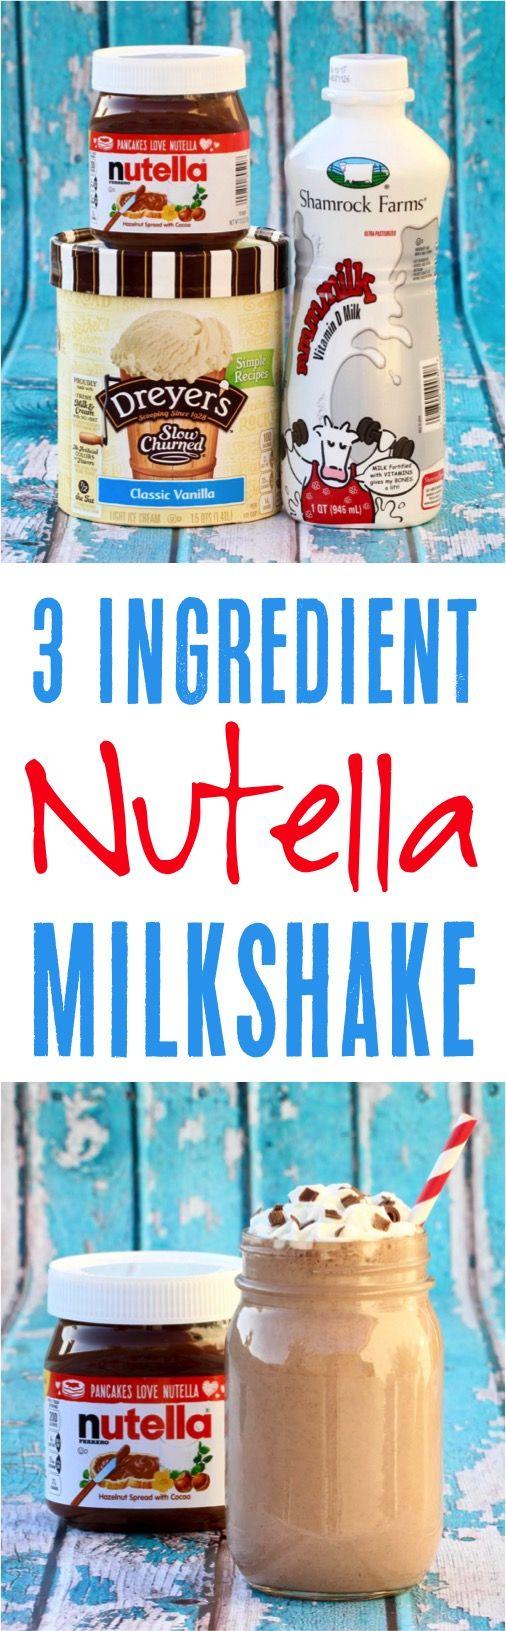 Milkshake Recipe!  You'll love this easy Nutella Milkshake drink recipe! | NeverEndingJourneys.com